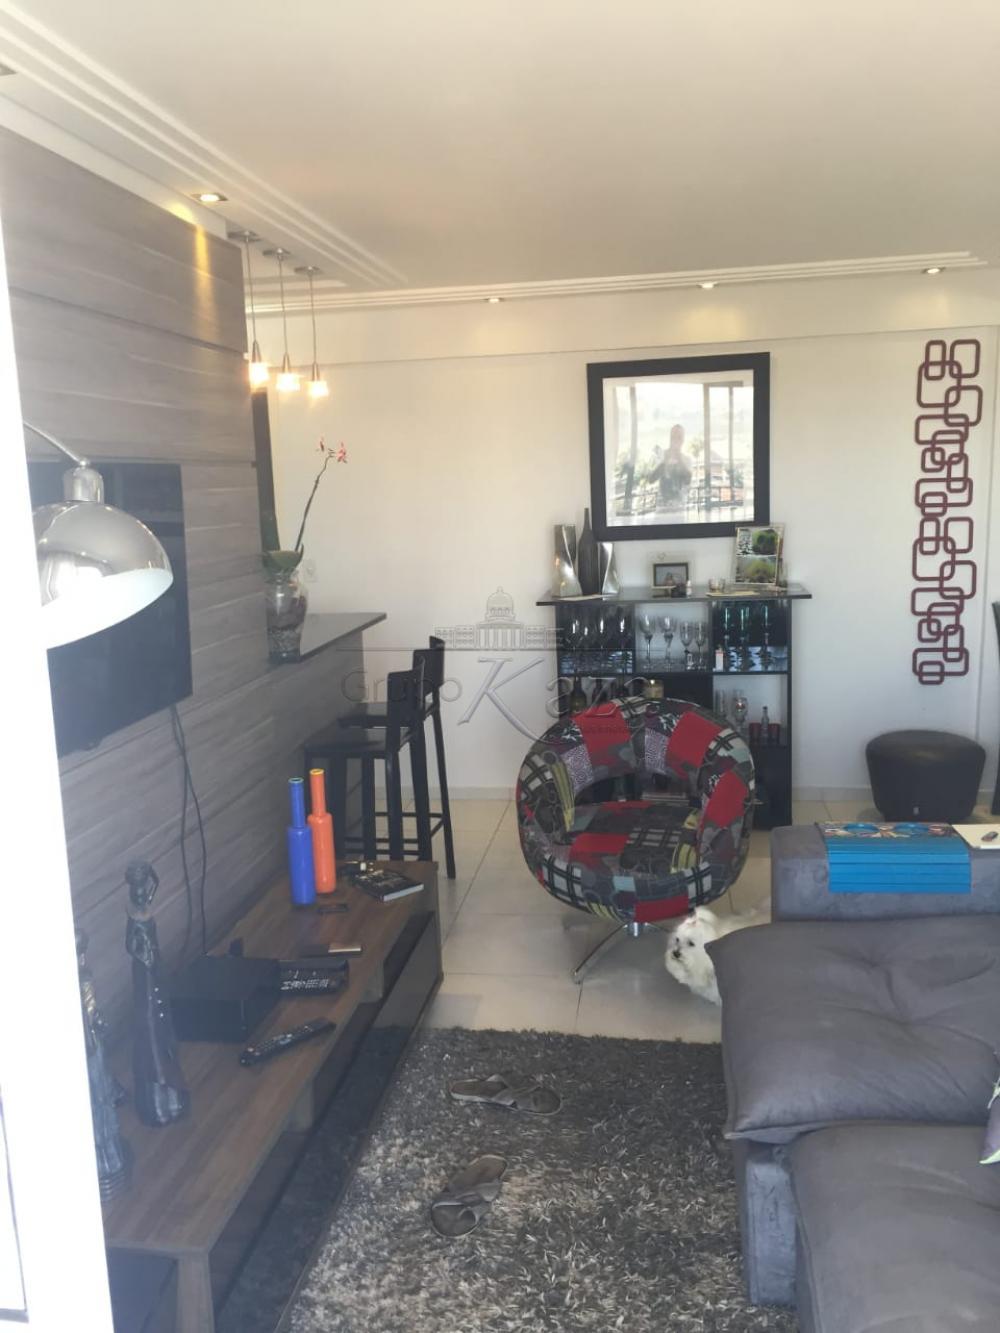 Comprar Apartamento / Padrão em São José dos Campos apenas R$ 372.000,00 - Foto 9